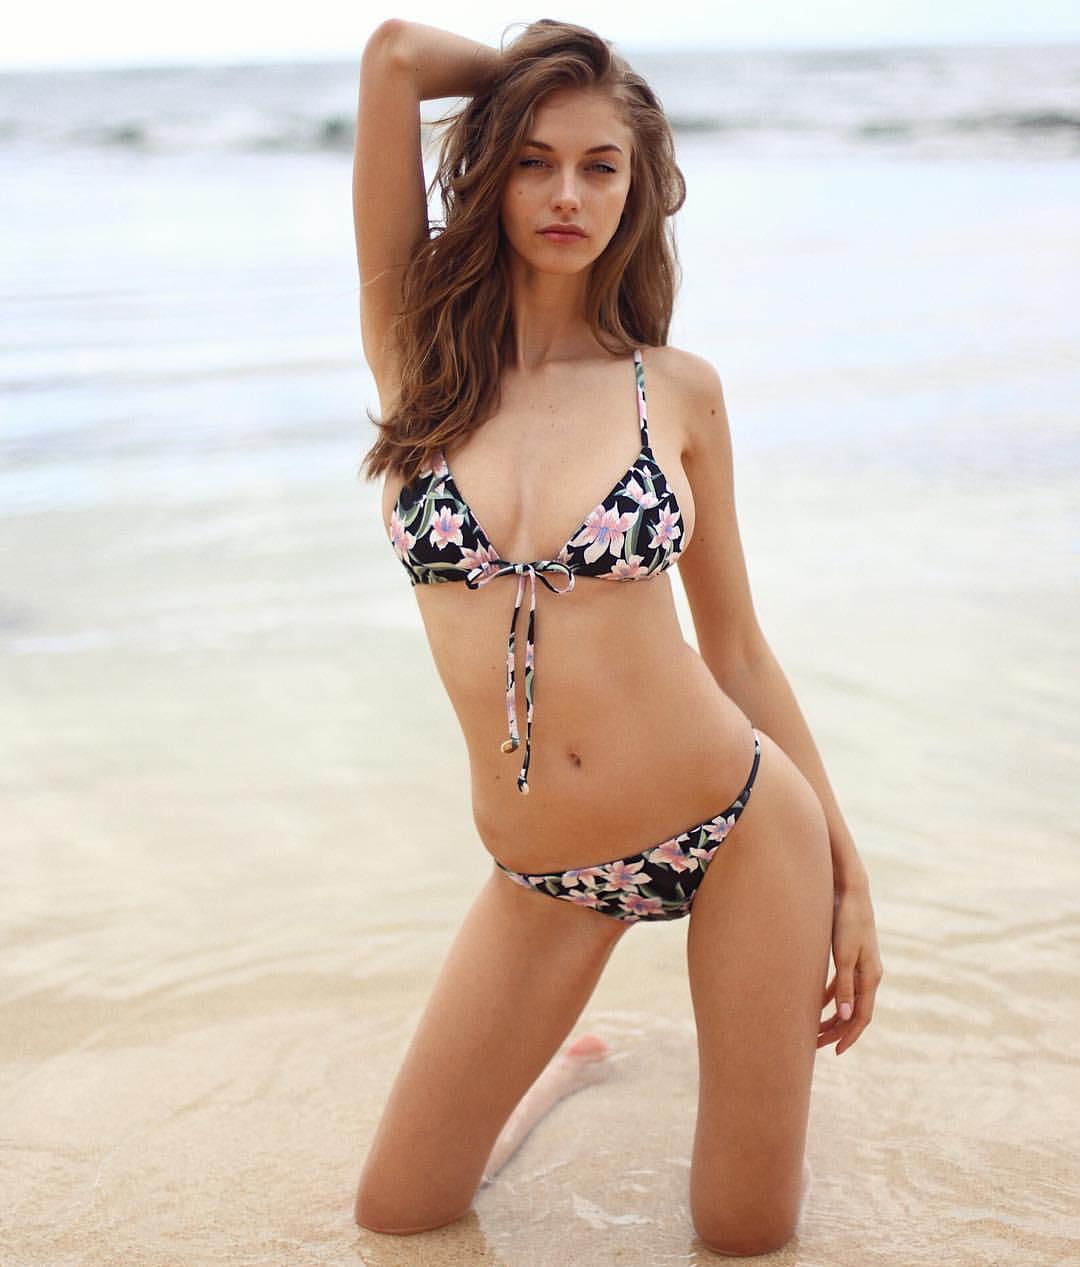 swimsuit Bikini Yulia Rose naked photo 2017